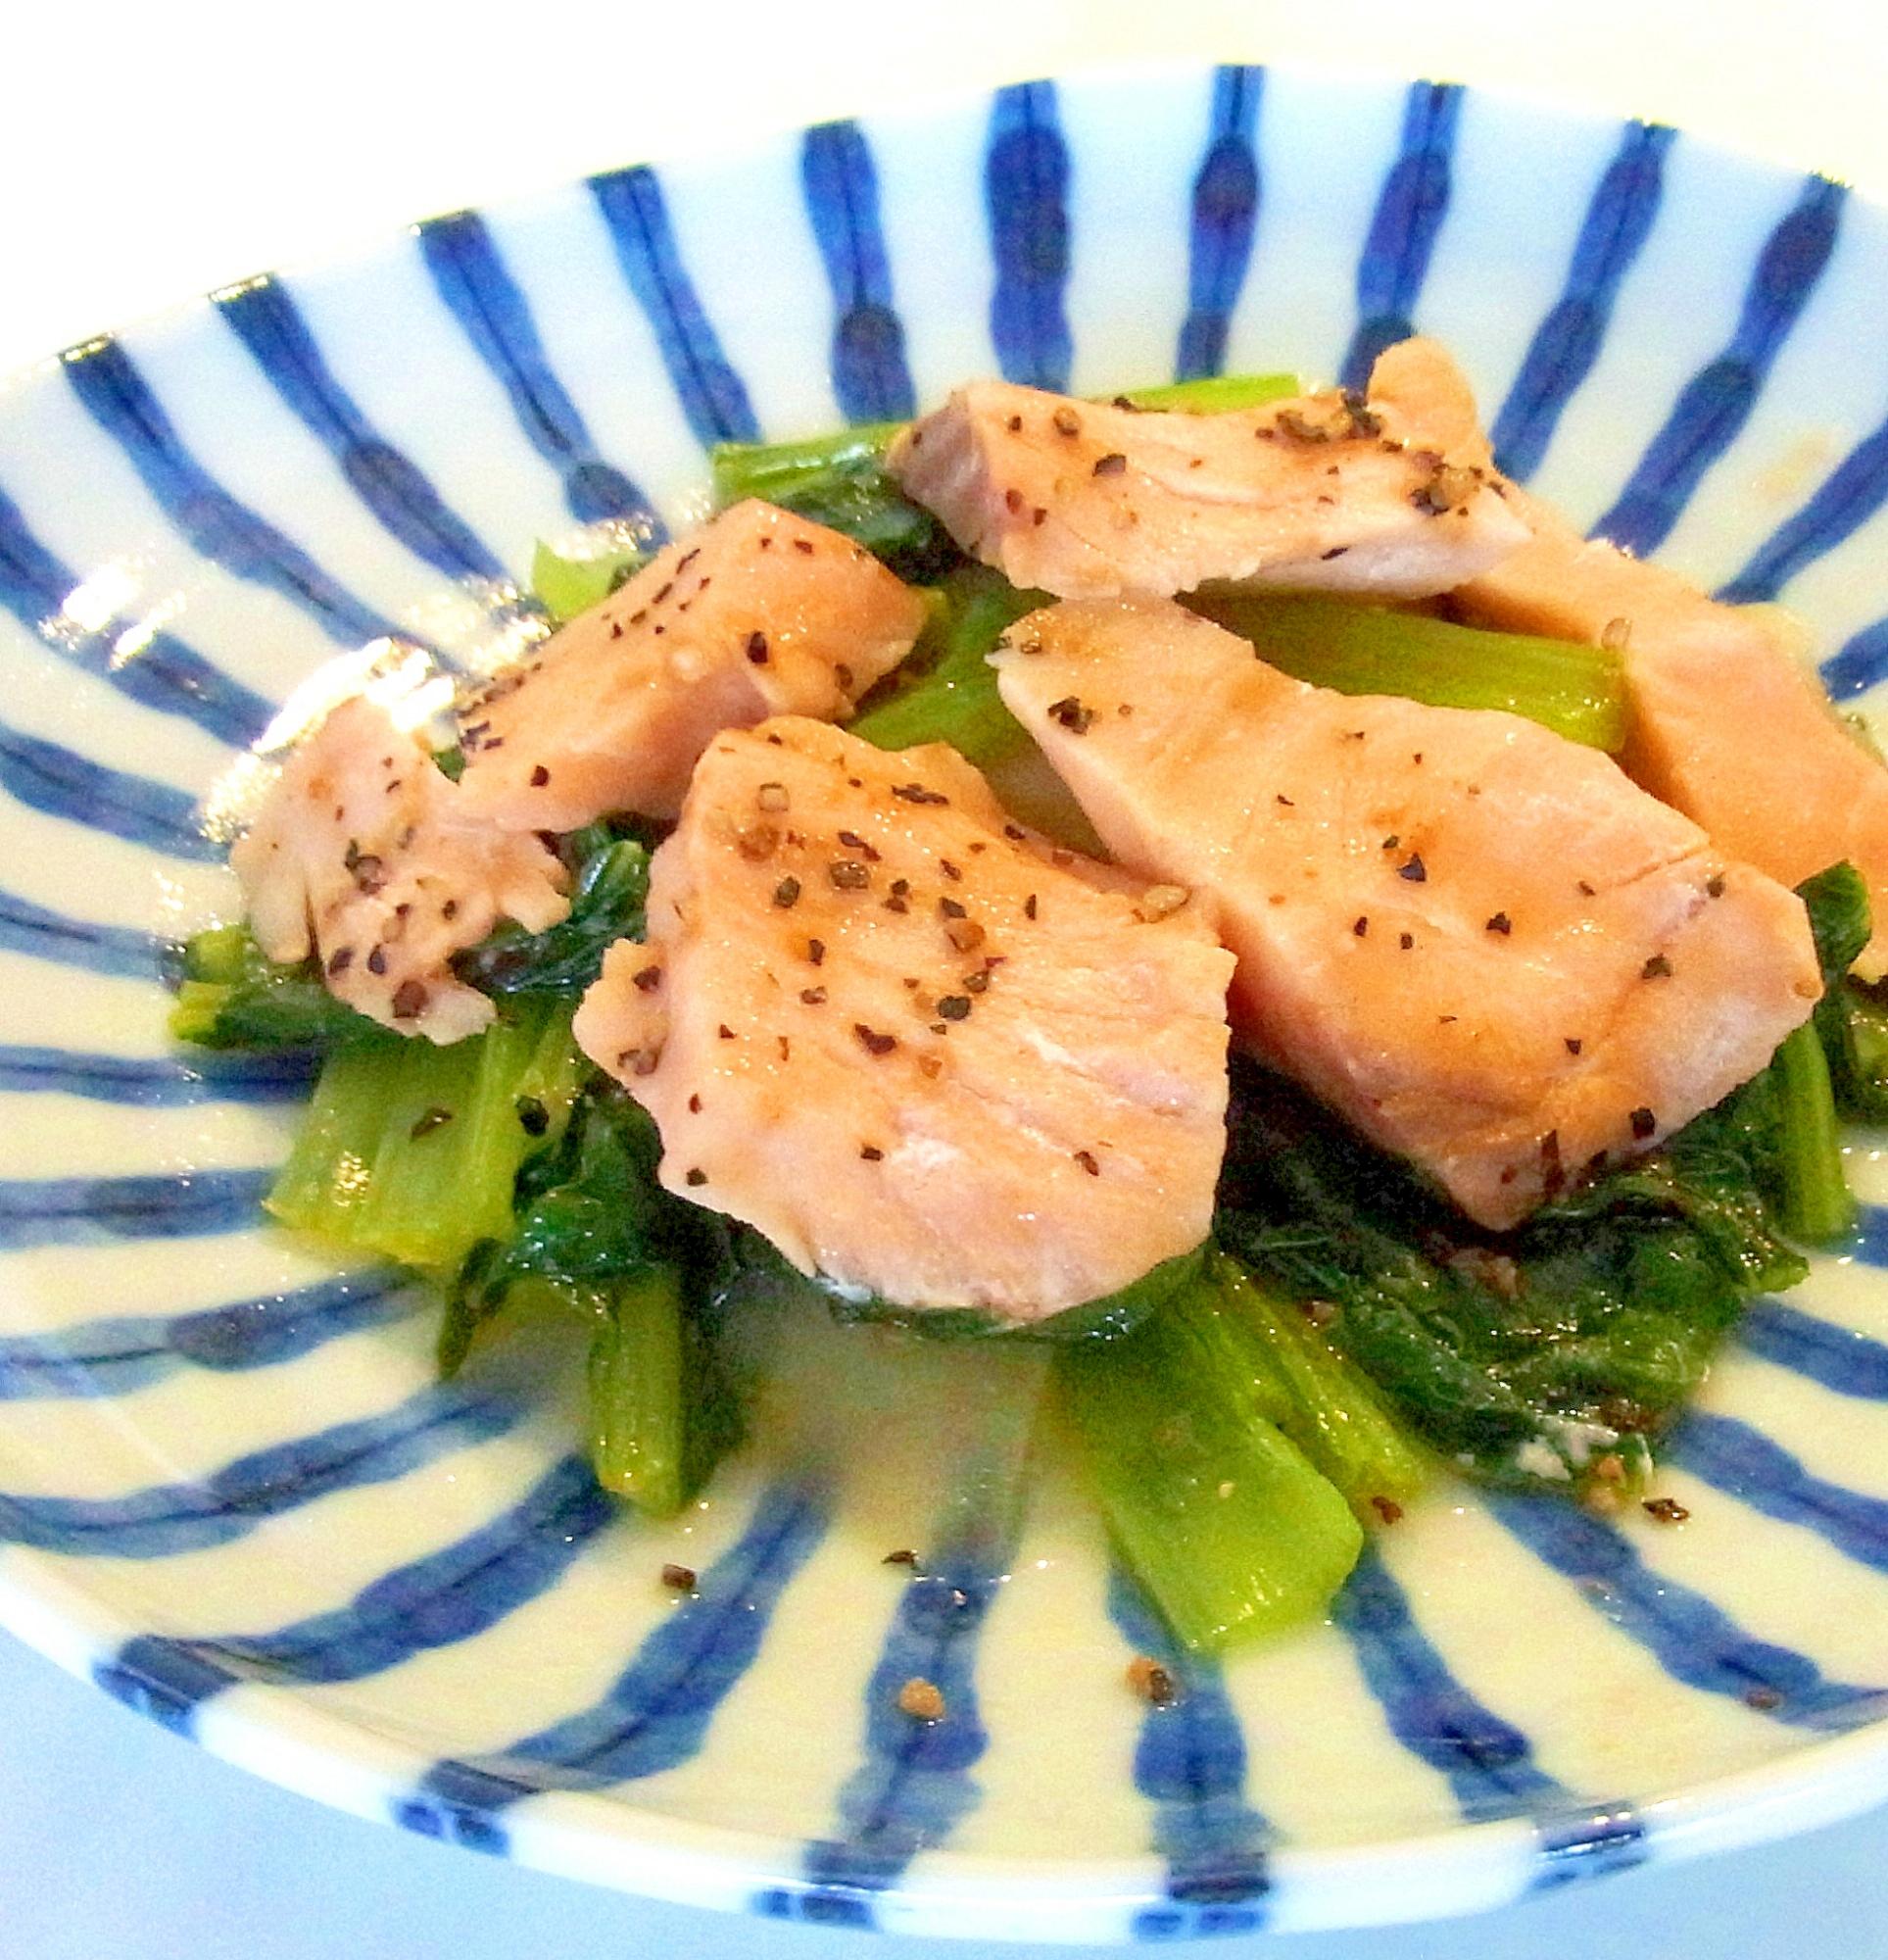 お弁当に☆鮭と小松菜のバター蒸し レシピ・作り方 by ☆メリッコ☆|楽天レシピ